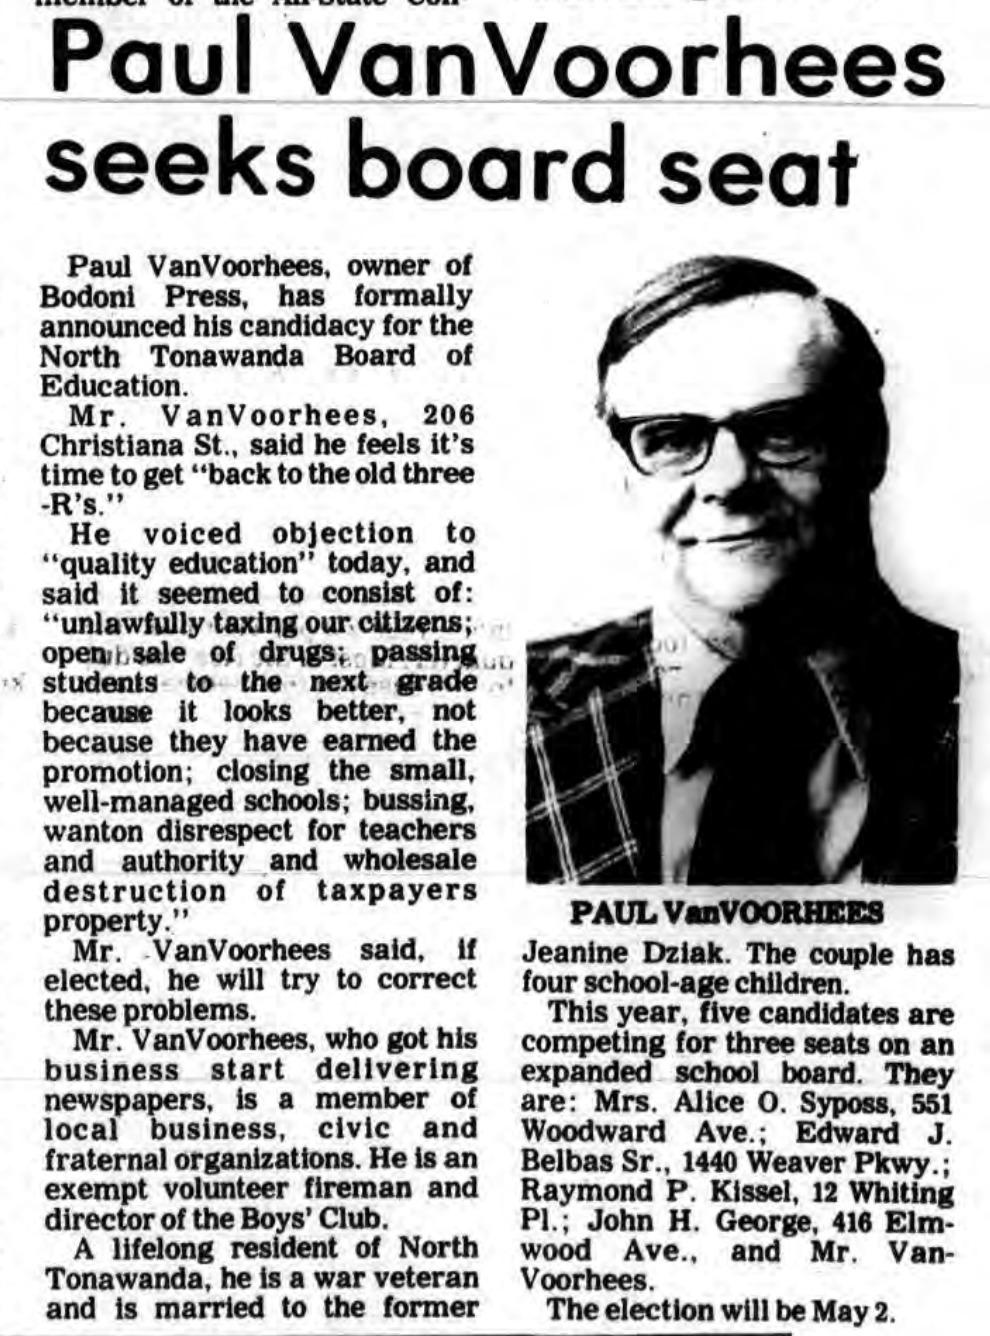 Paul VanVoorhees seeks board seat, article (Tonawanda News, 1978-04-20).png